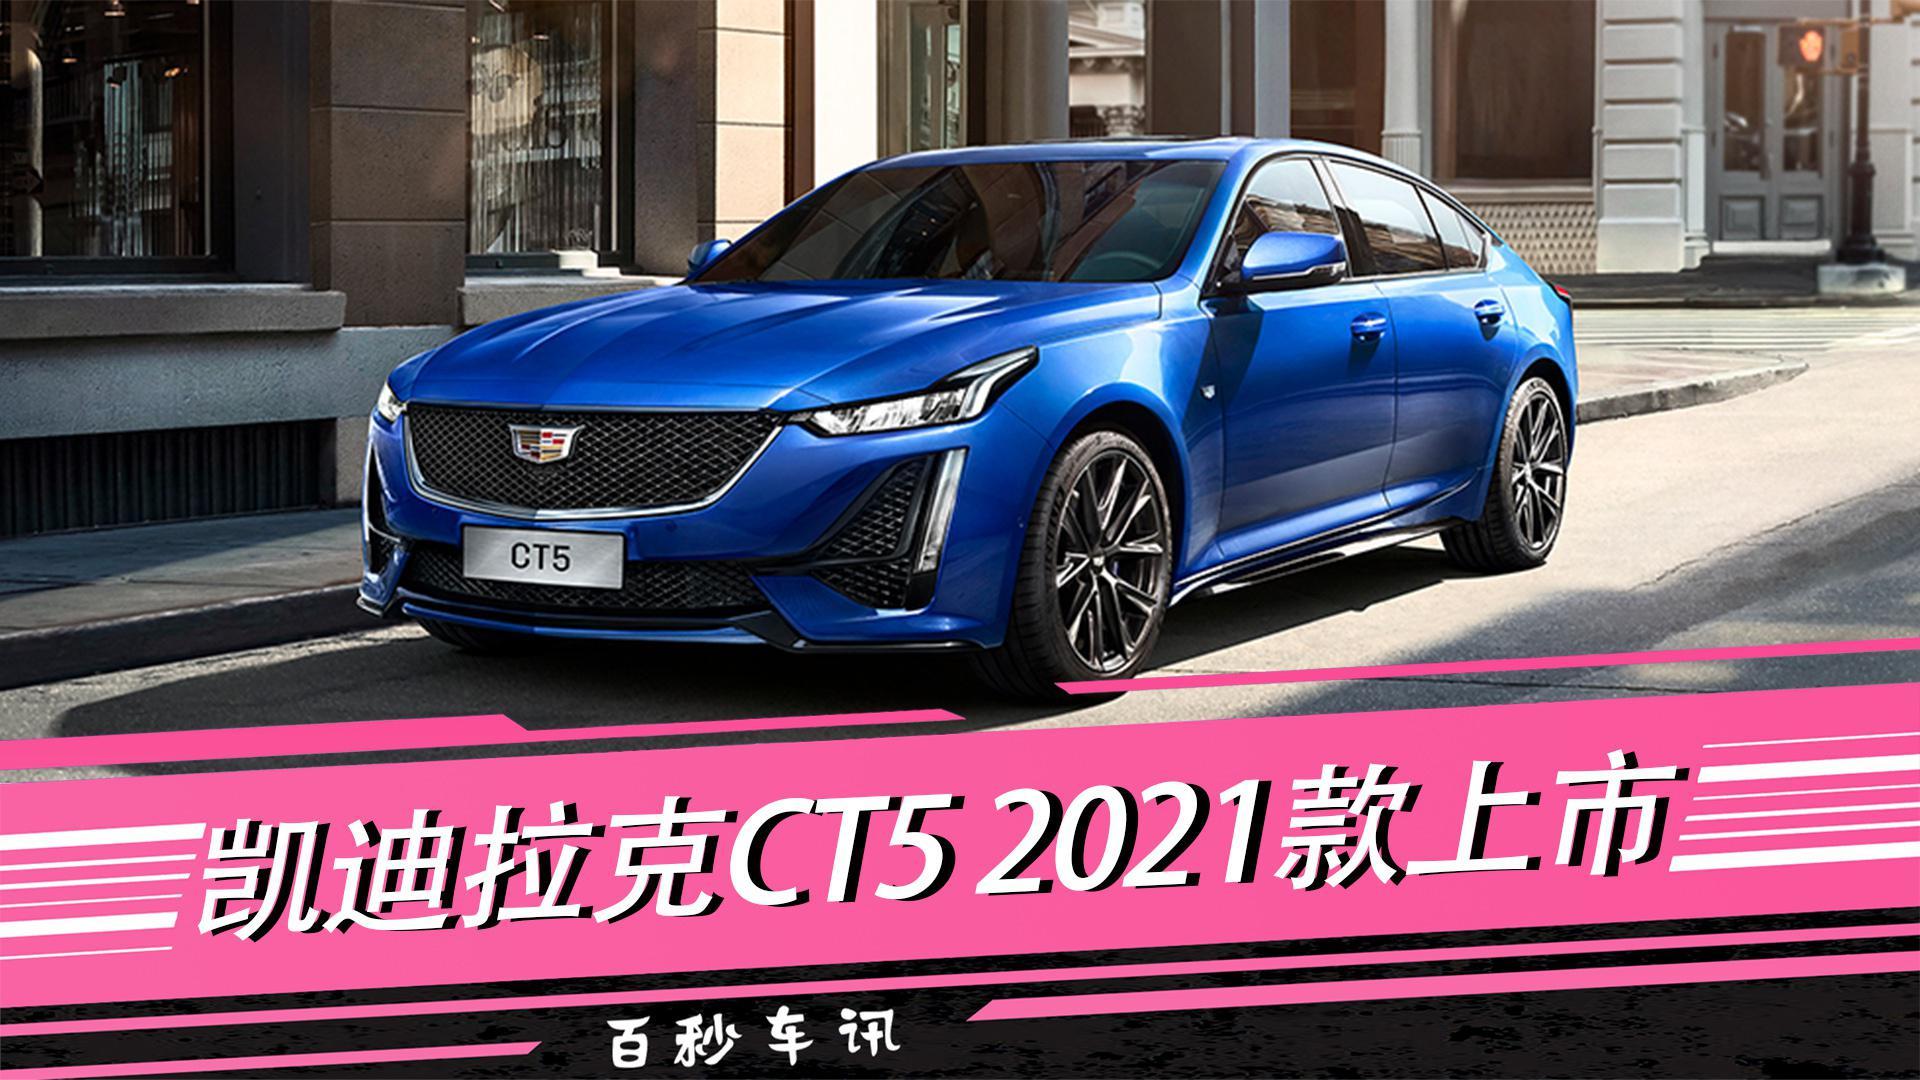 视频:【百秒车讯】2021款凯迪拉克CT5上市,27.97万起售